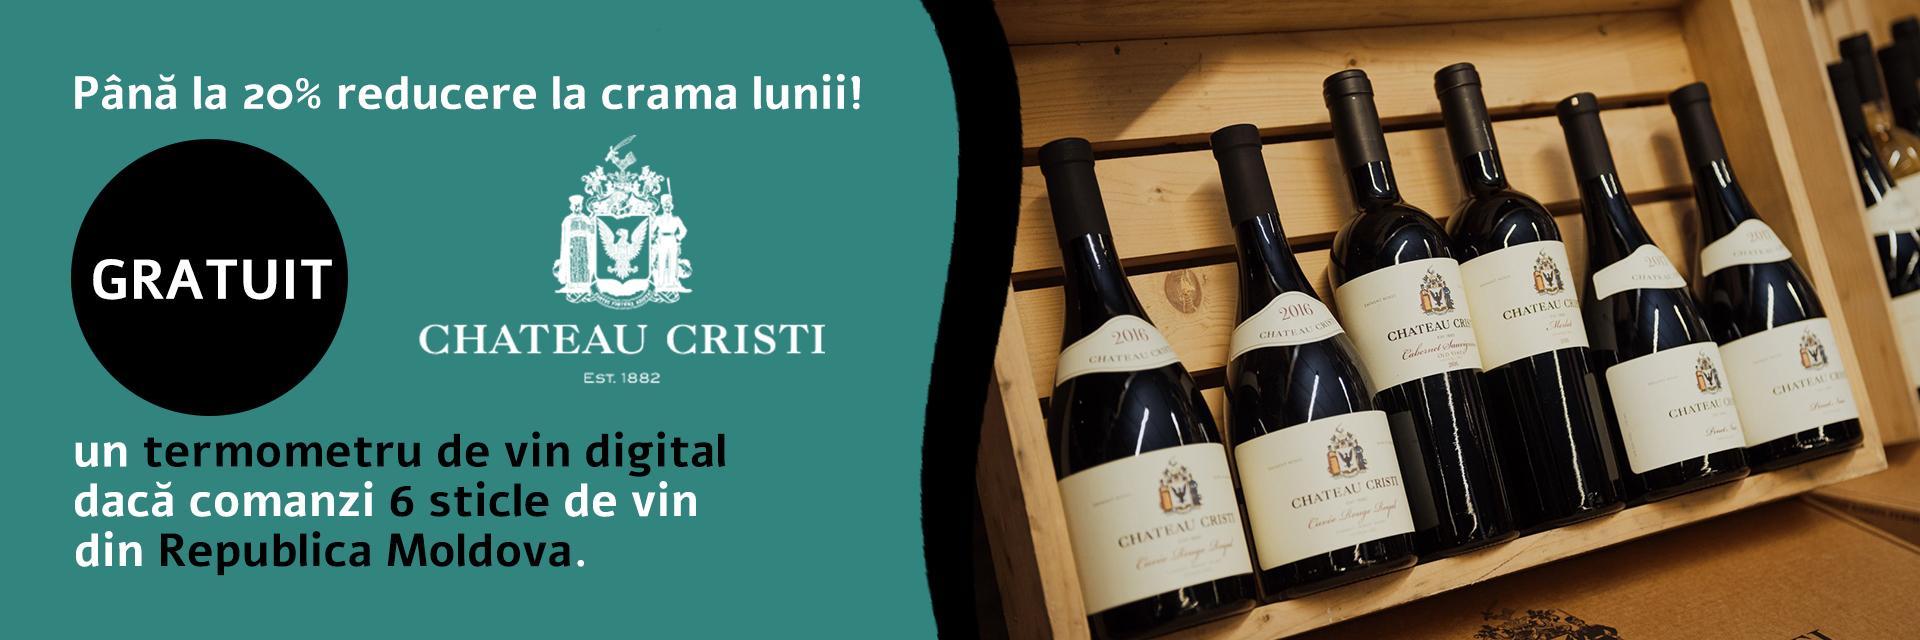 Promotie: Chateau Cristi